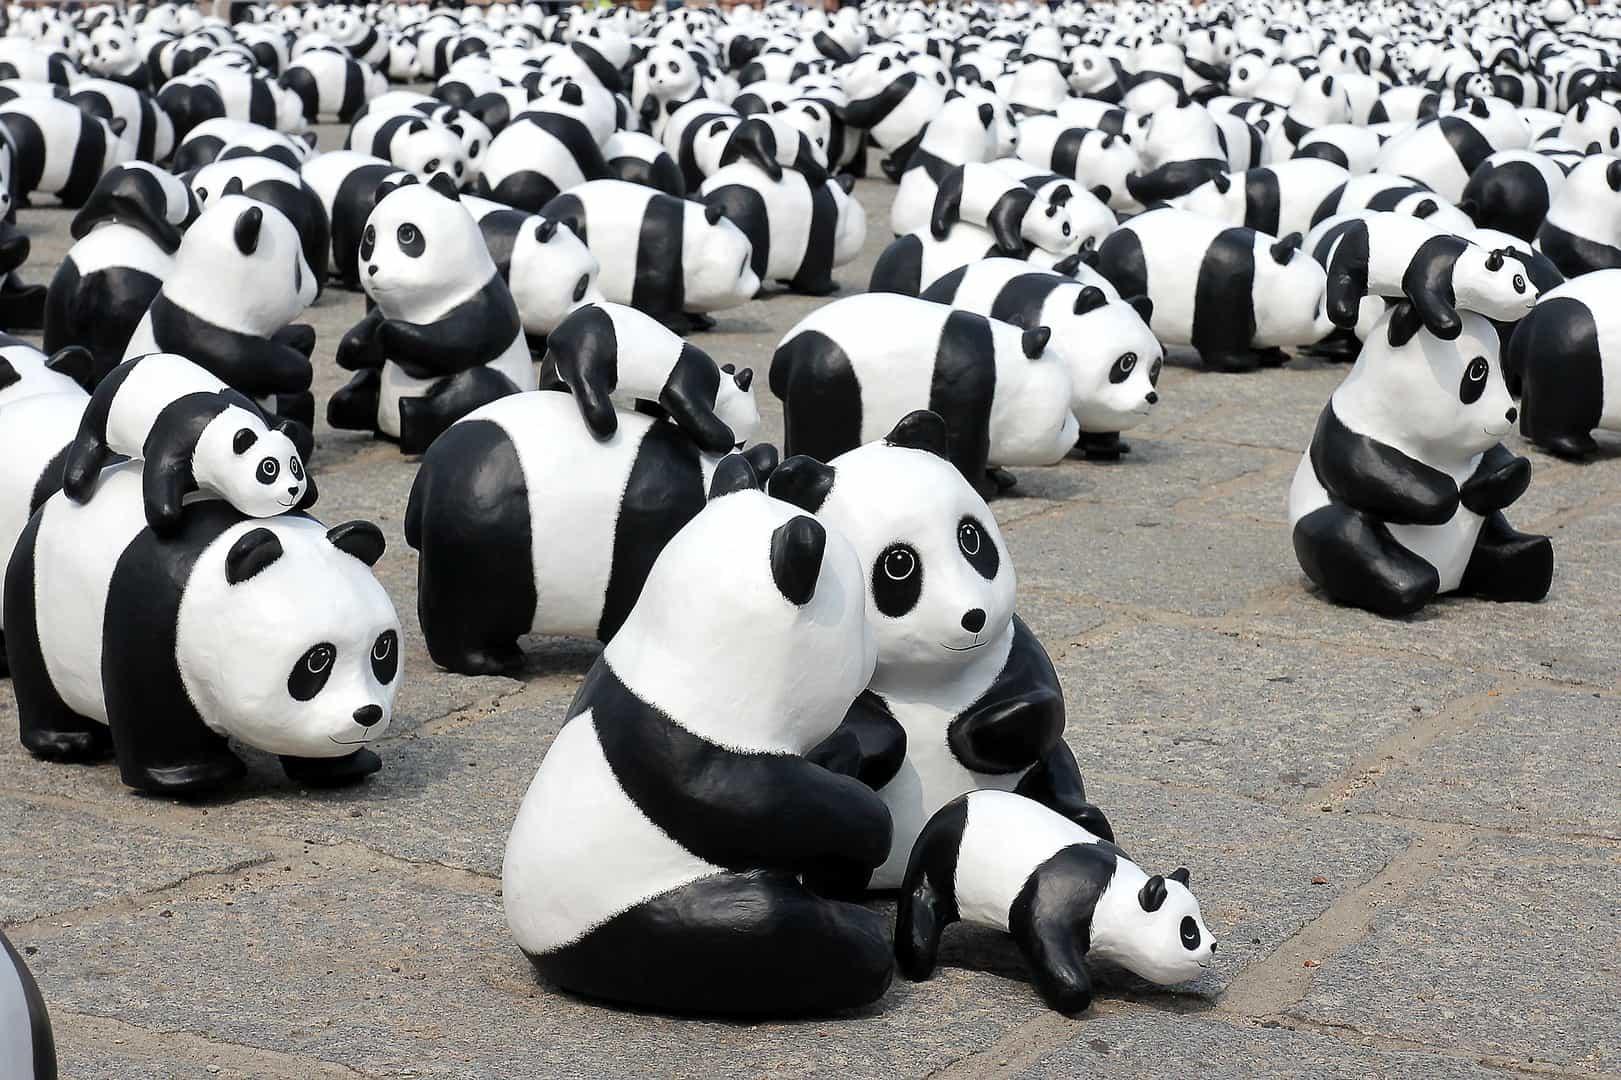 panda-826241_1920